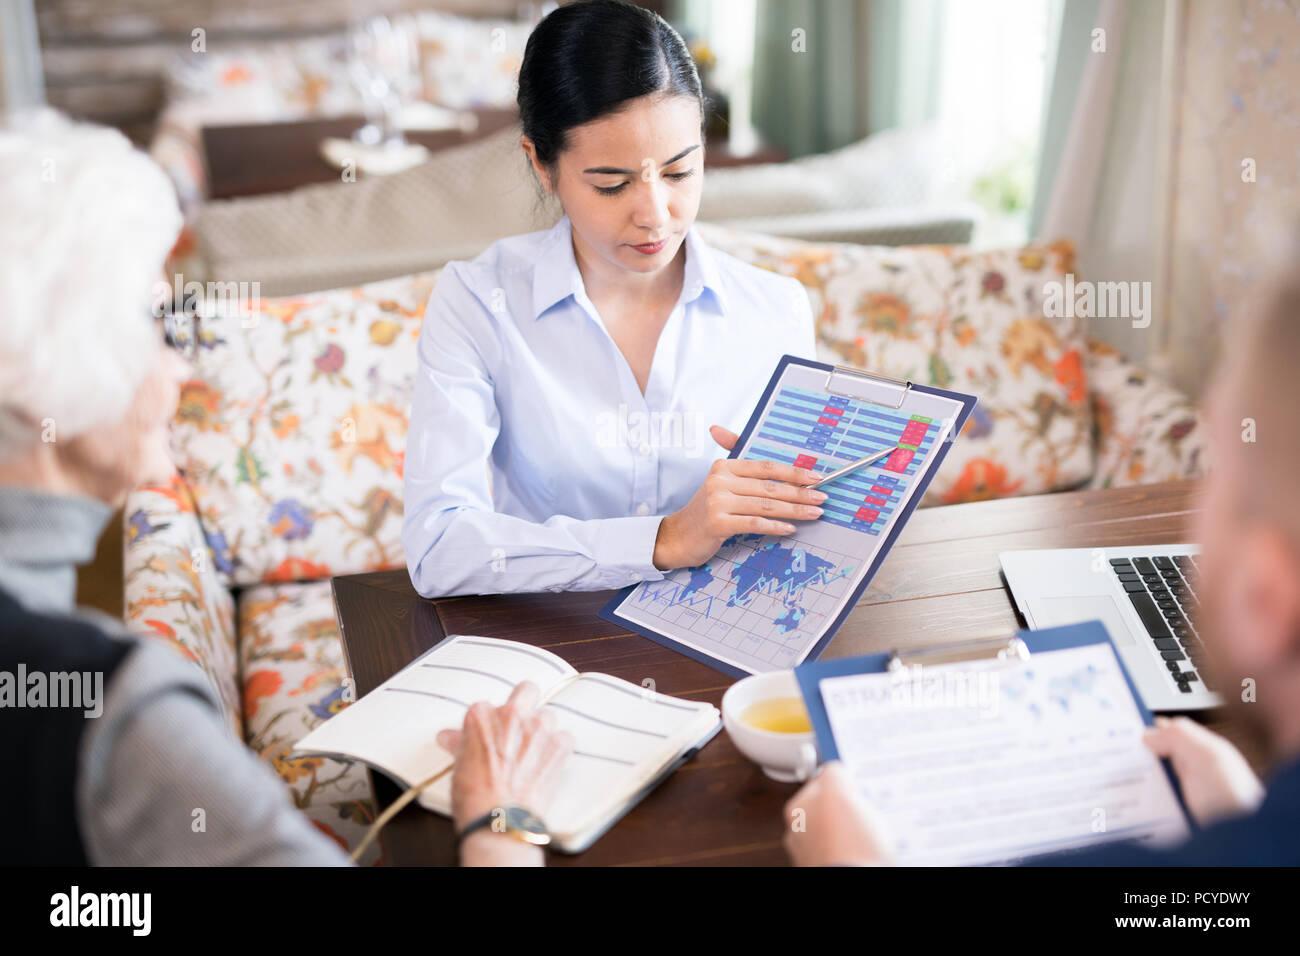 La presentazione nel corso di un incontro presso il cafe Immagini Stock